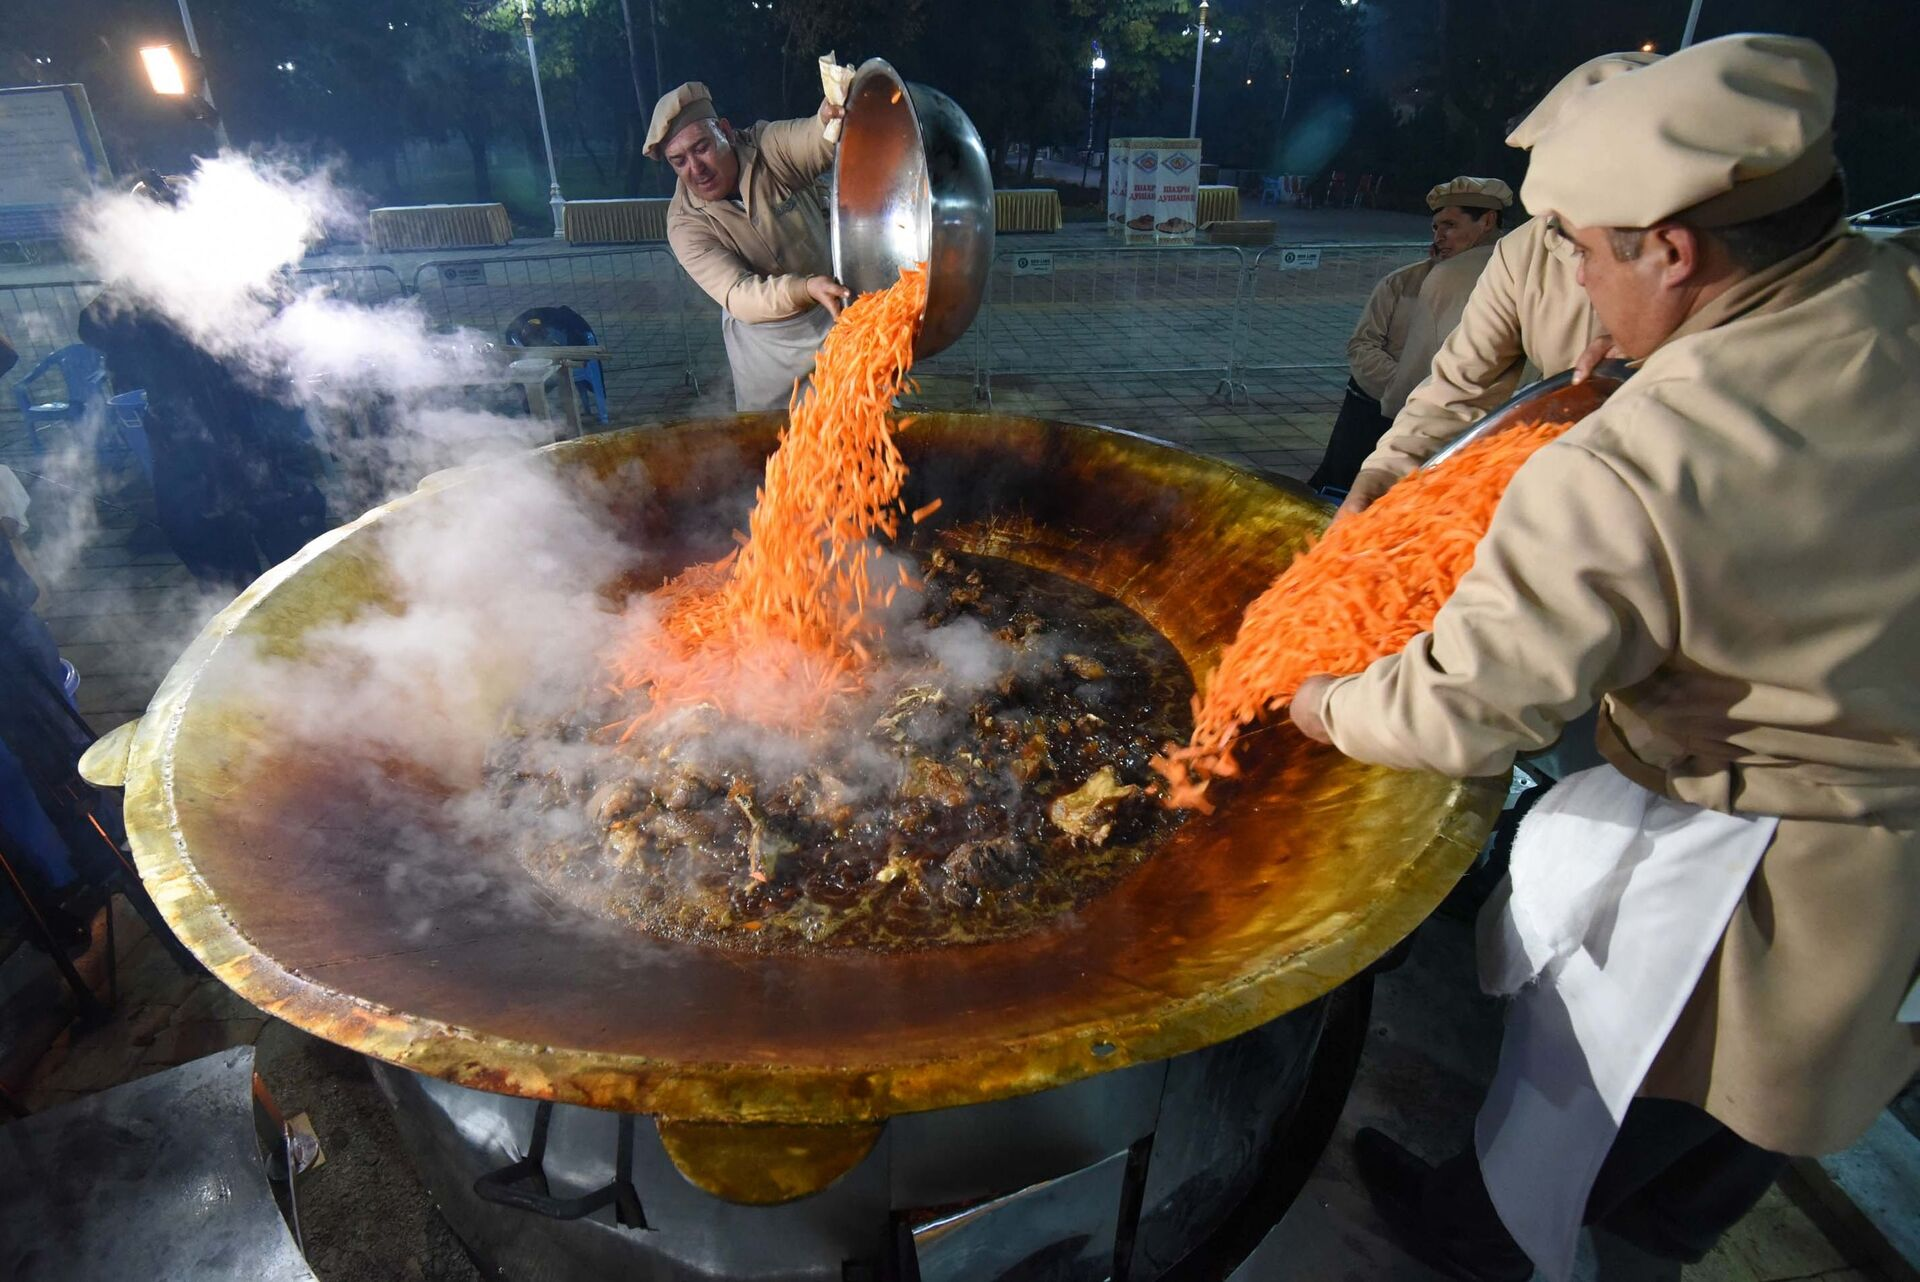 Preparazione del Plov, piatto tipico del Tagikistan e non solo a Dushanbe - Sputnik Italia, 1920, 18.05.2021